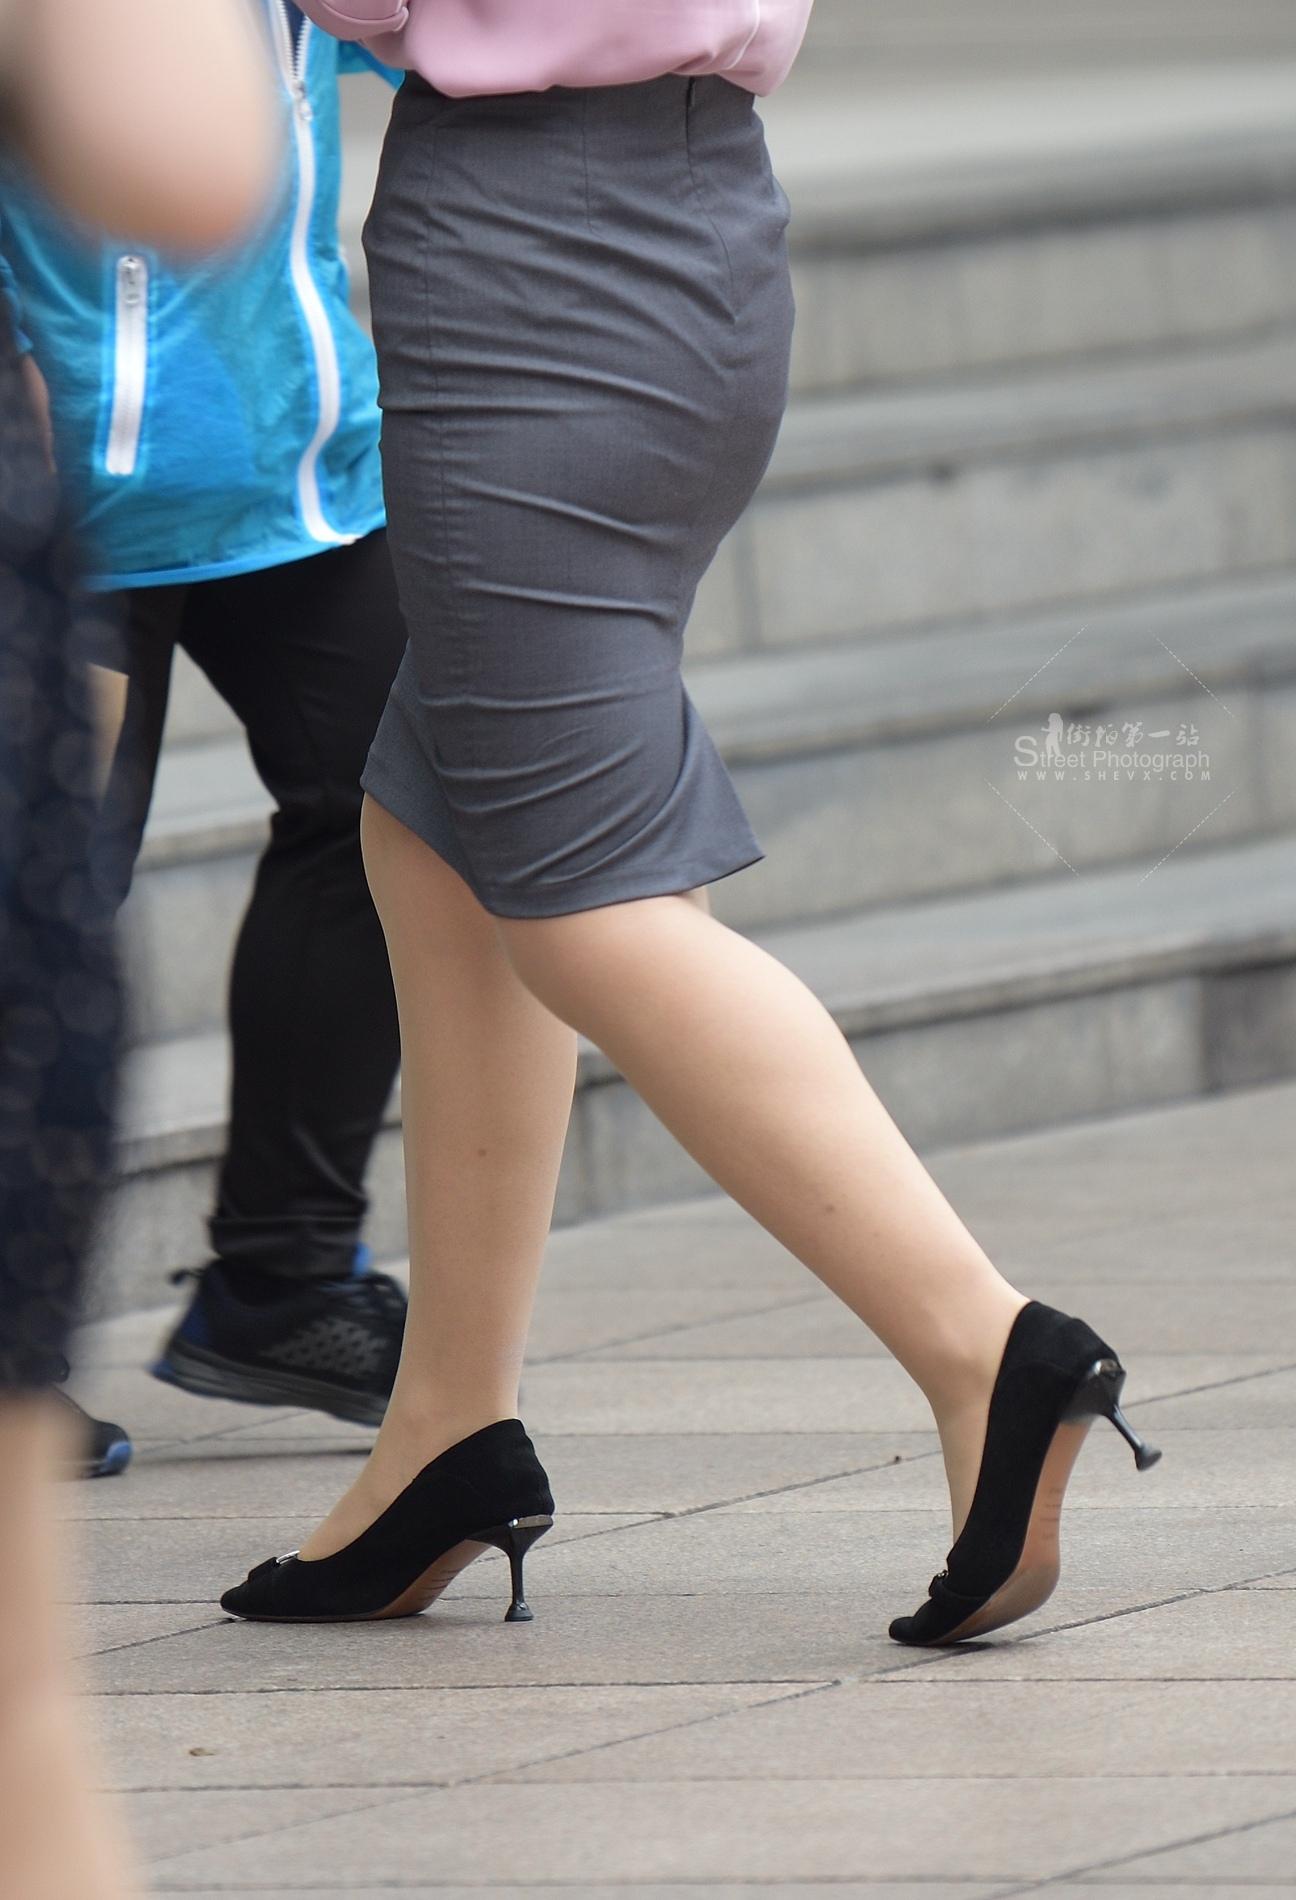 街拍絲襪 發現肉 絲襪,飛奔過去,拍攝只有10秒鐘 最新街拍絲襪圖片 街拍絲襪第一站